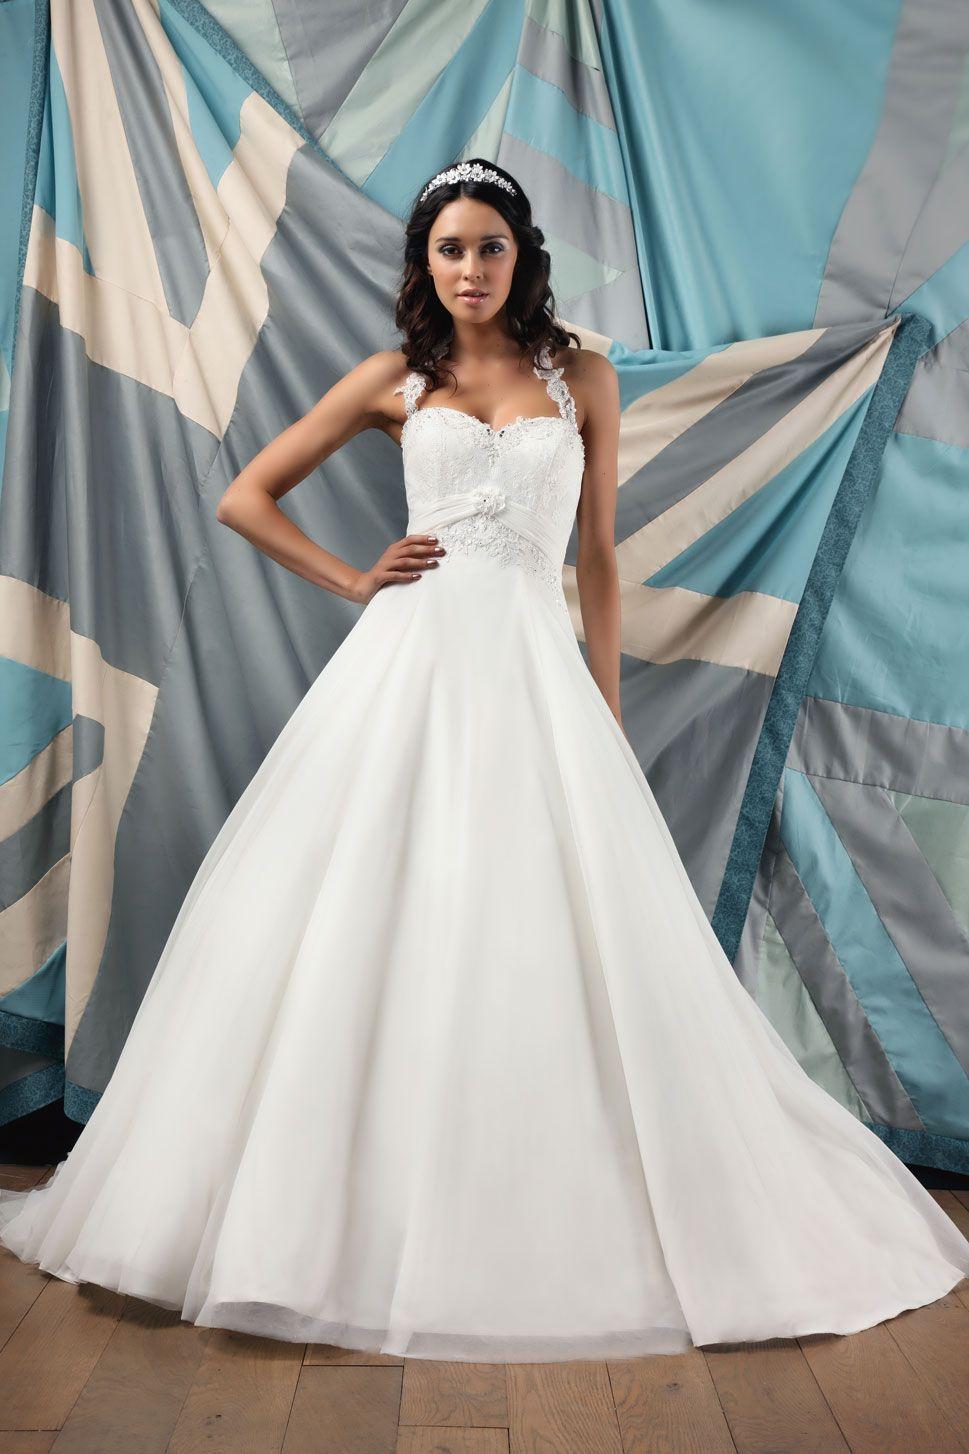 Cece wedding dress  Codie Oxford Collection Amanda Wyatt Wedding Dress  wedding